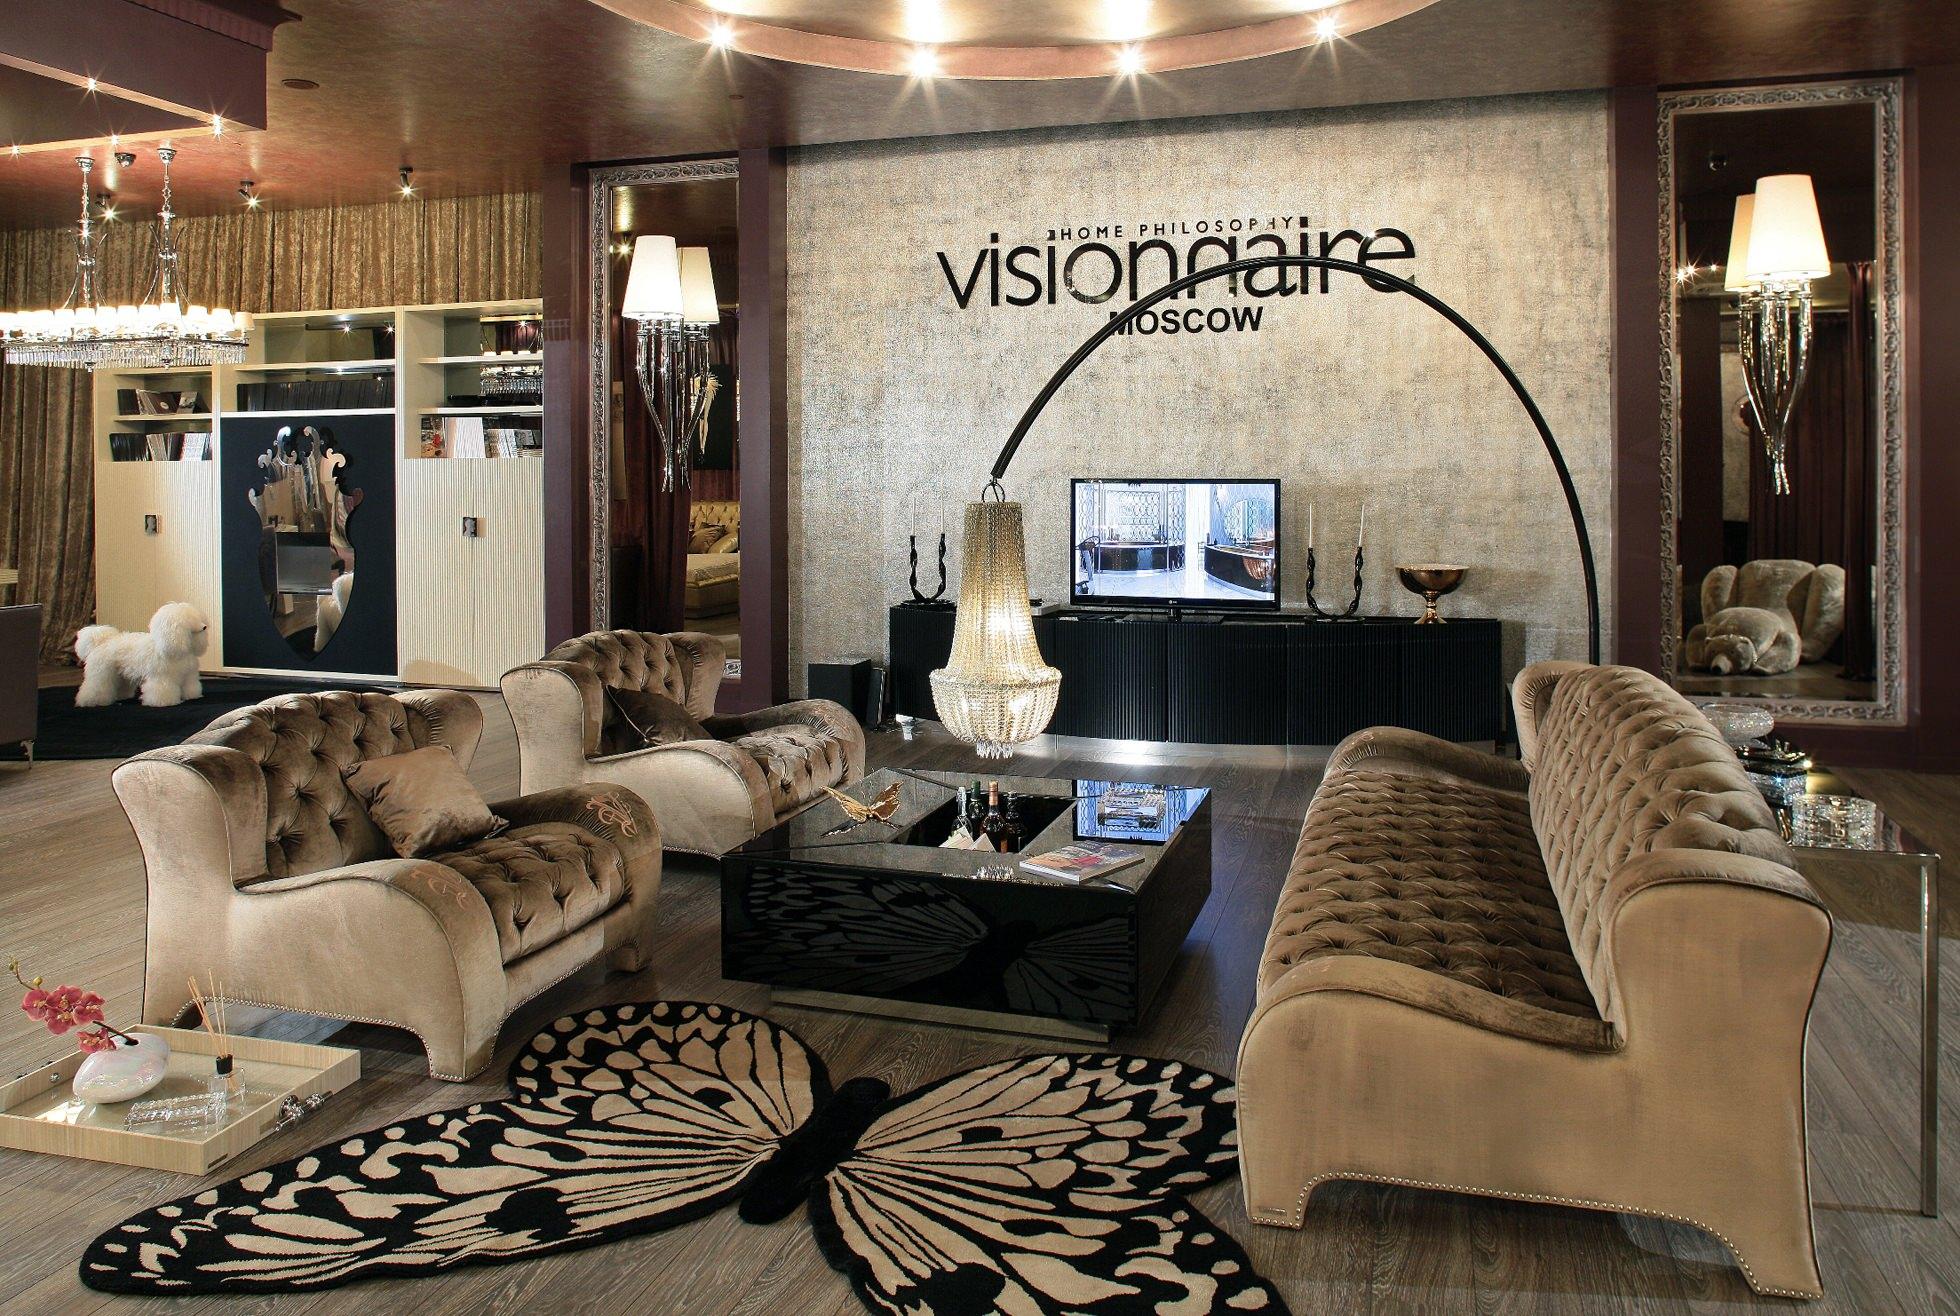 Visionnaire Shop Visionnaire Home Philosophy